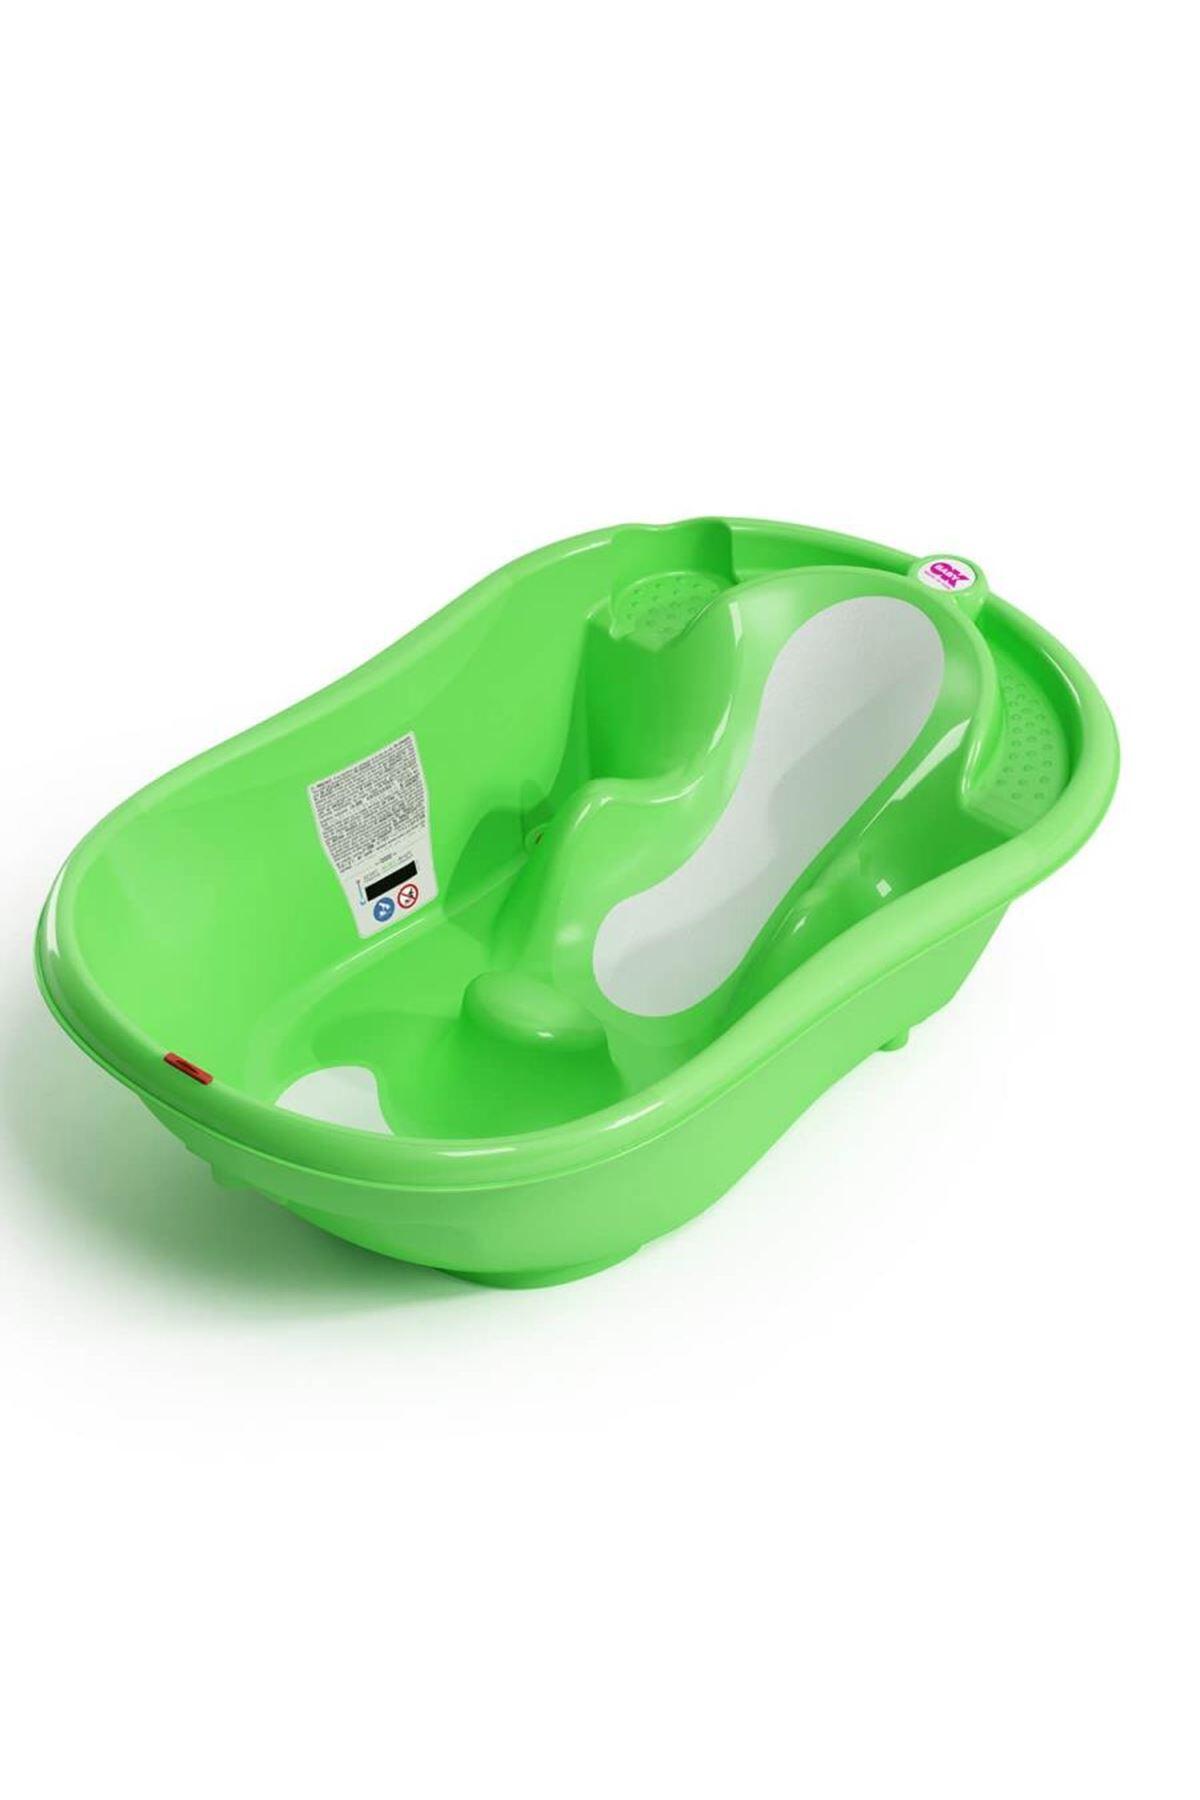 Okbaby Onda Evol Banyo Küveti / Yeşil